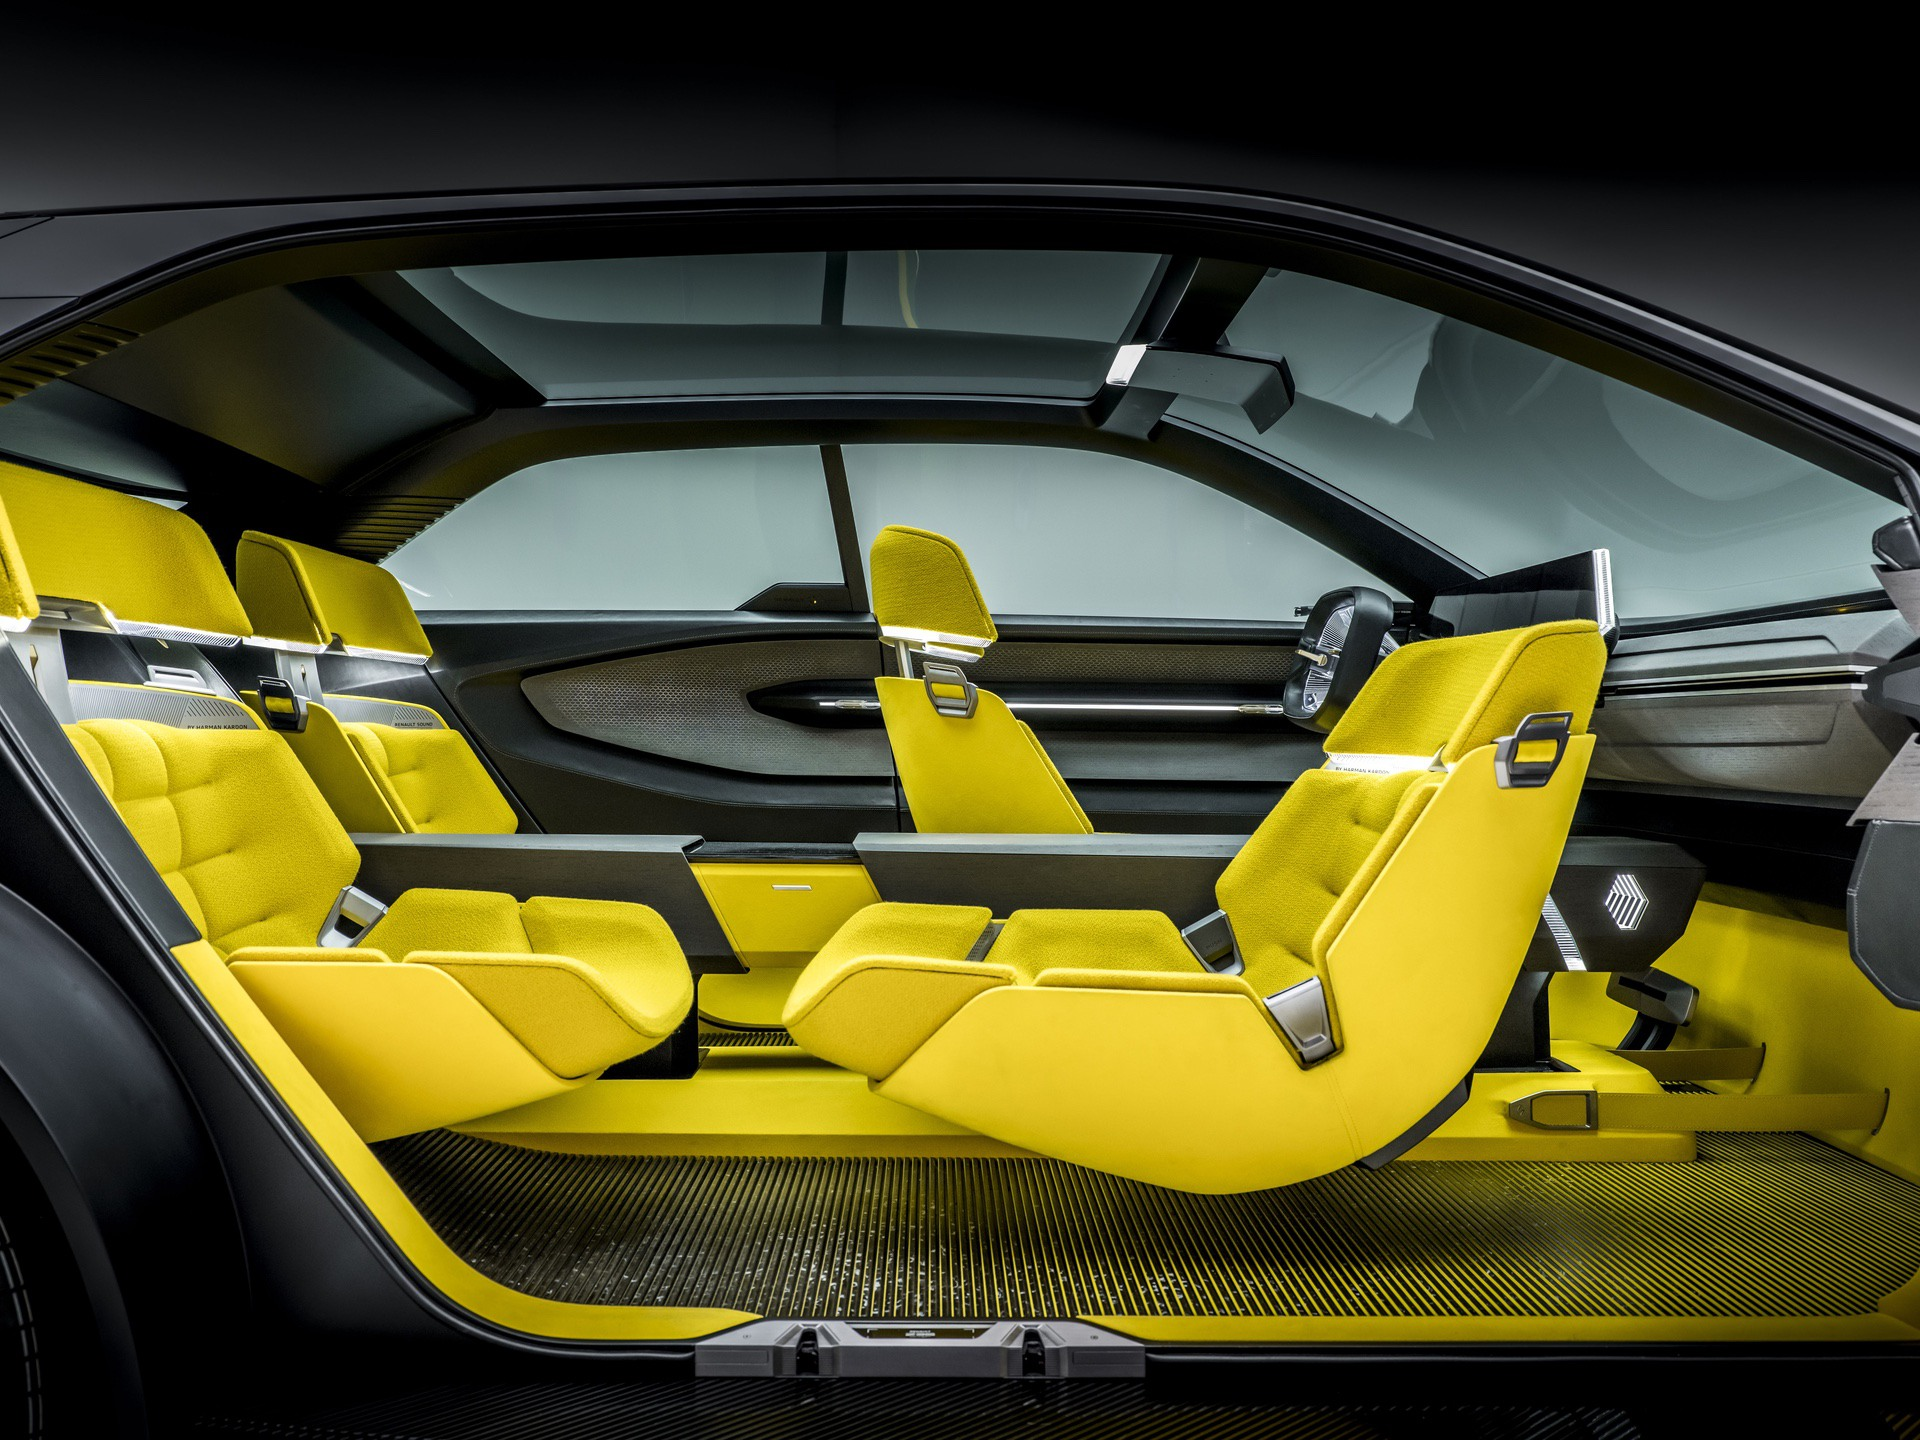 Renault_Morphoz_concept_0109